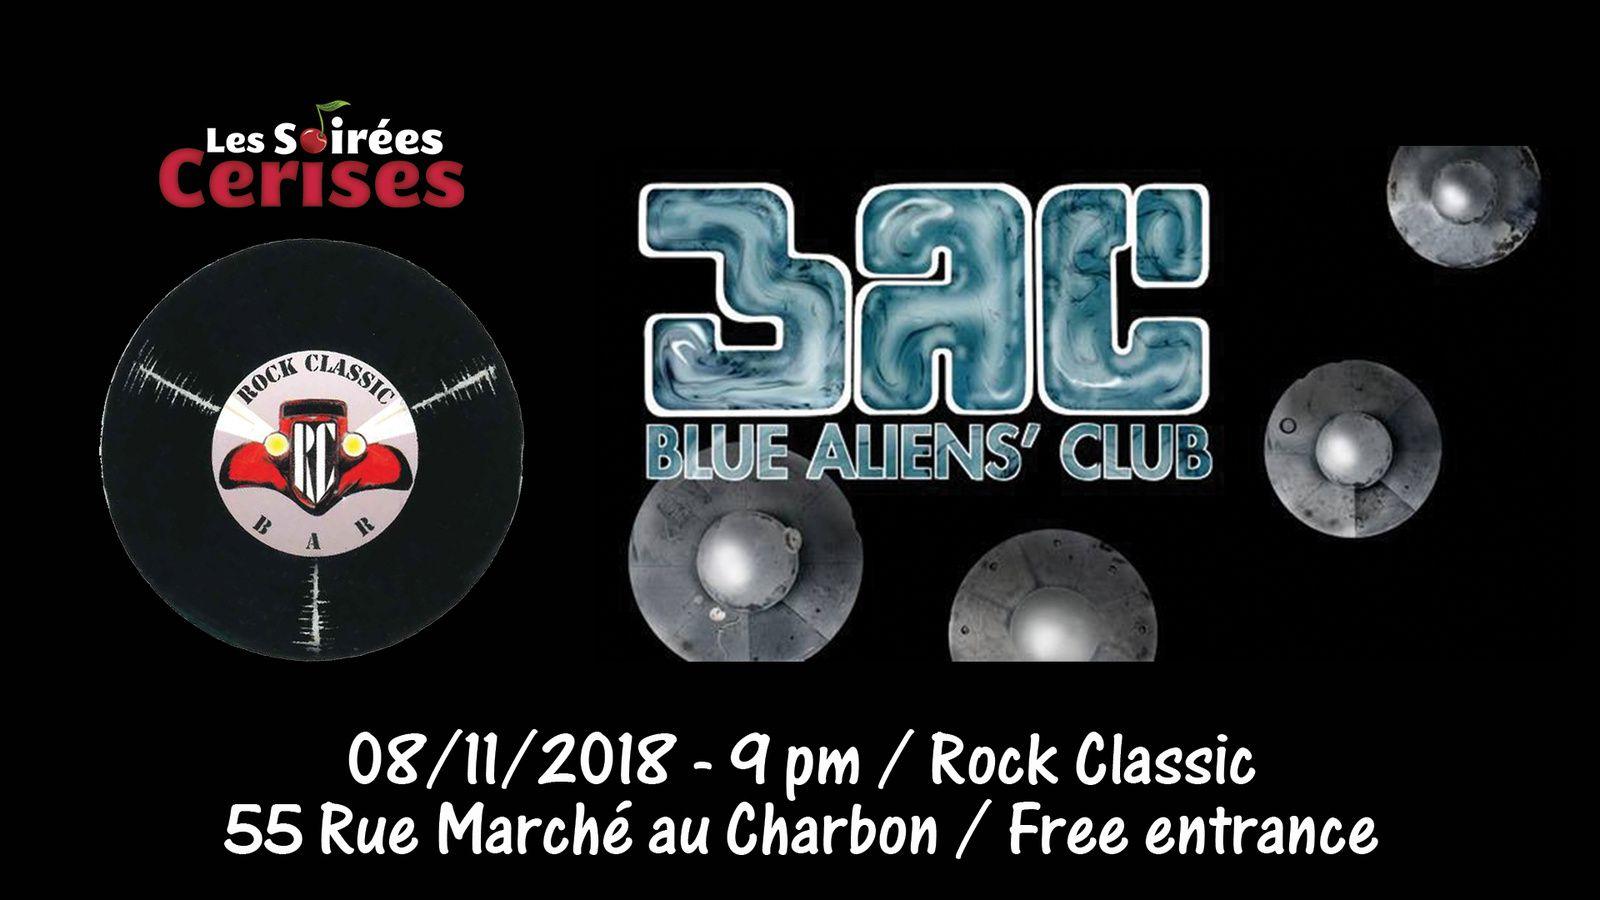 ▶ Blue Aliens' Club @ Rock Classic - 08/11/2018 - 21h00 - Entrée gratuite / Free entrance